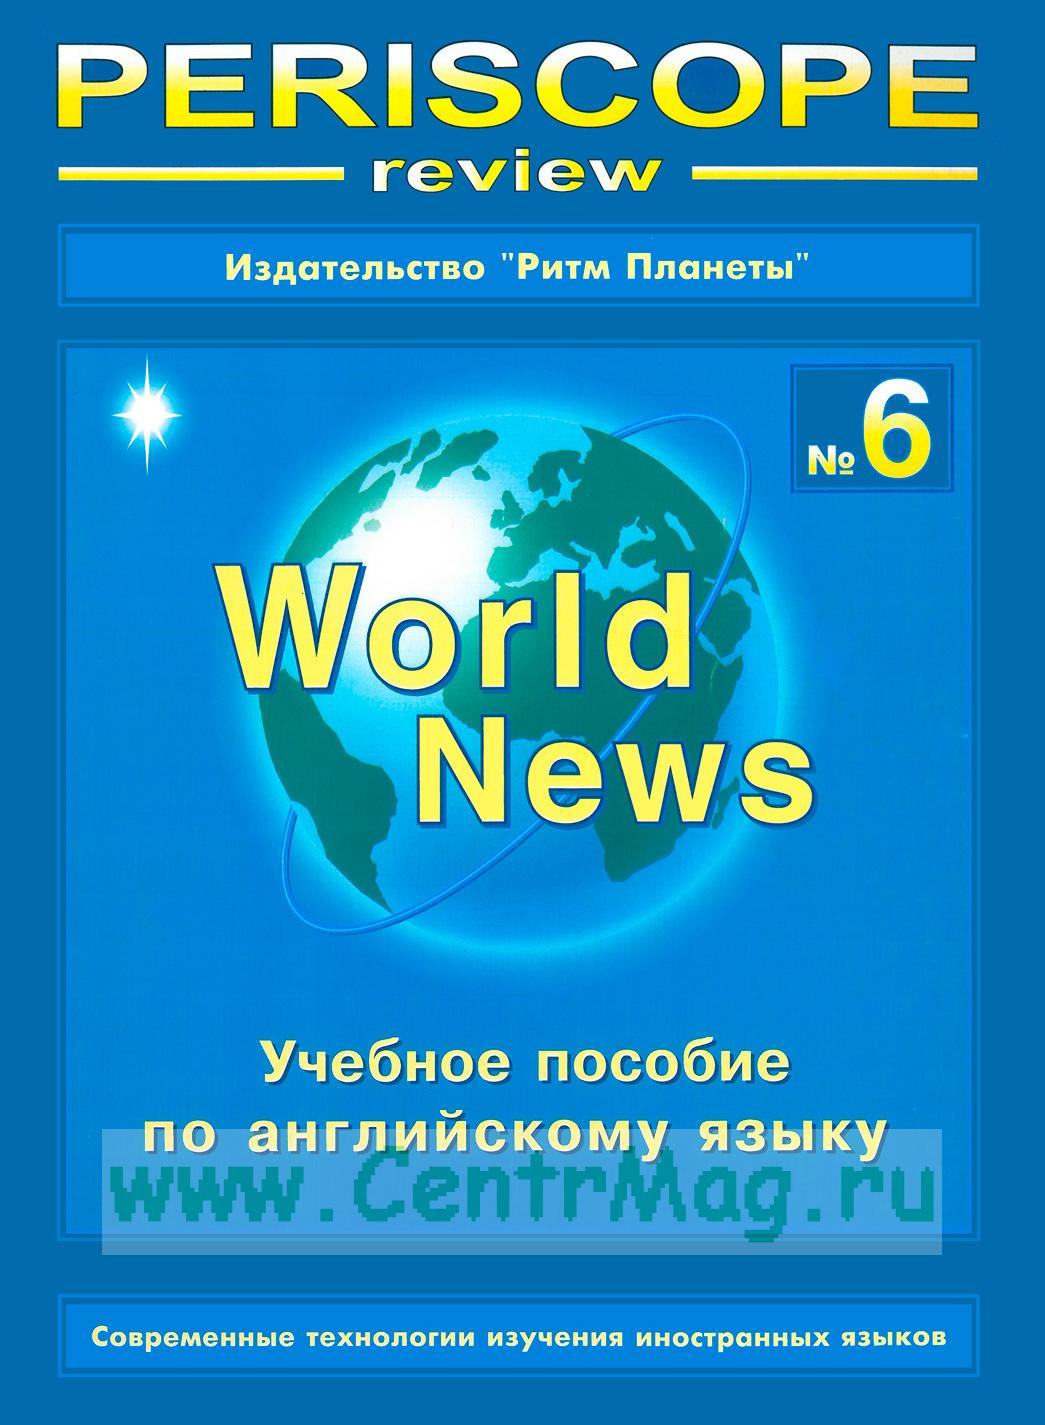 Periscope review. World News: Учебное пособие по английскому языку: № 6.